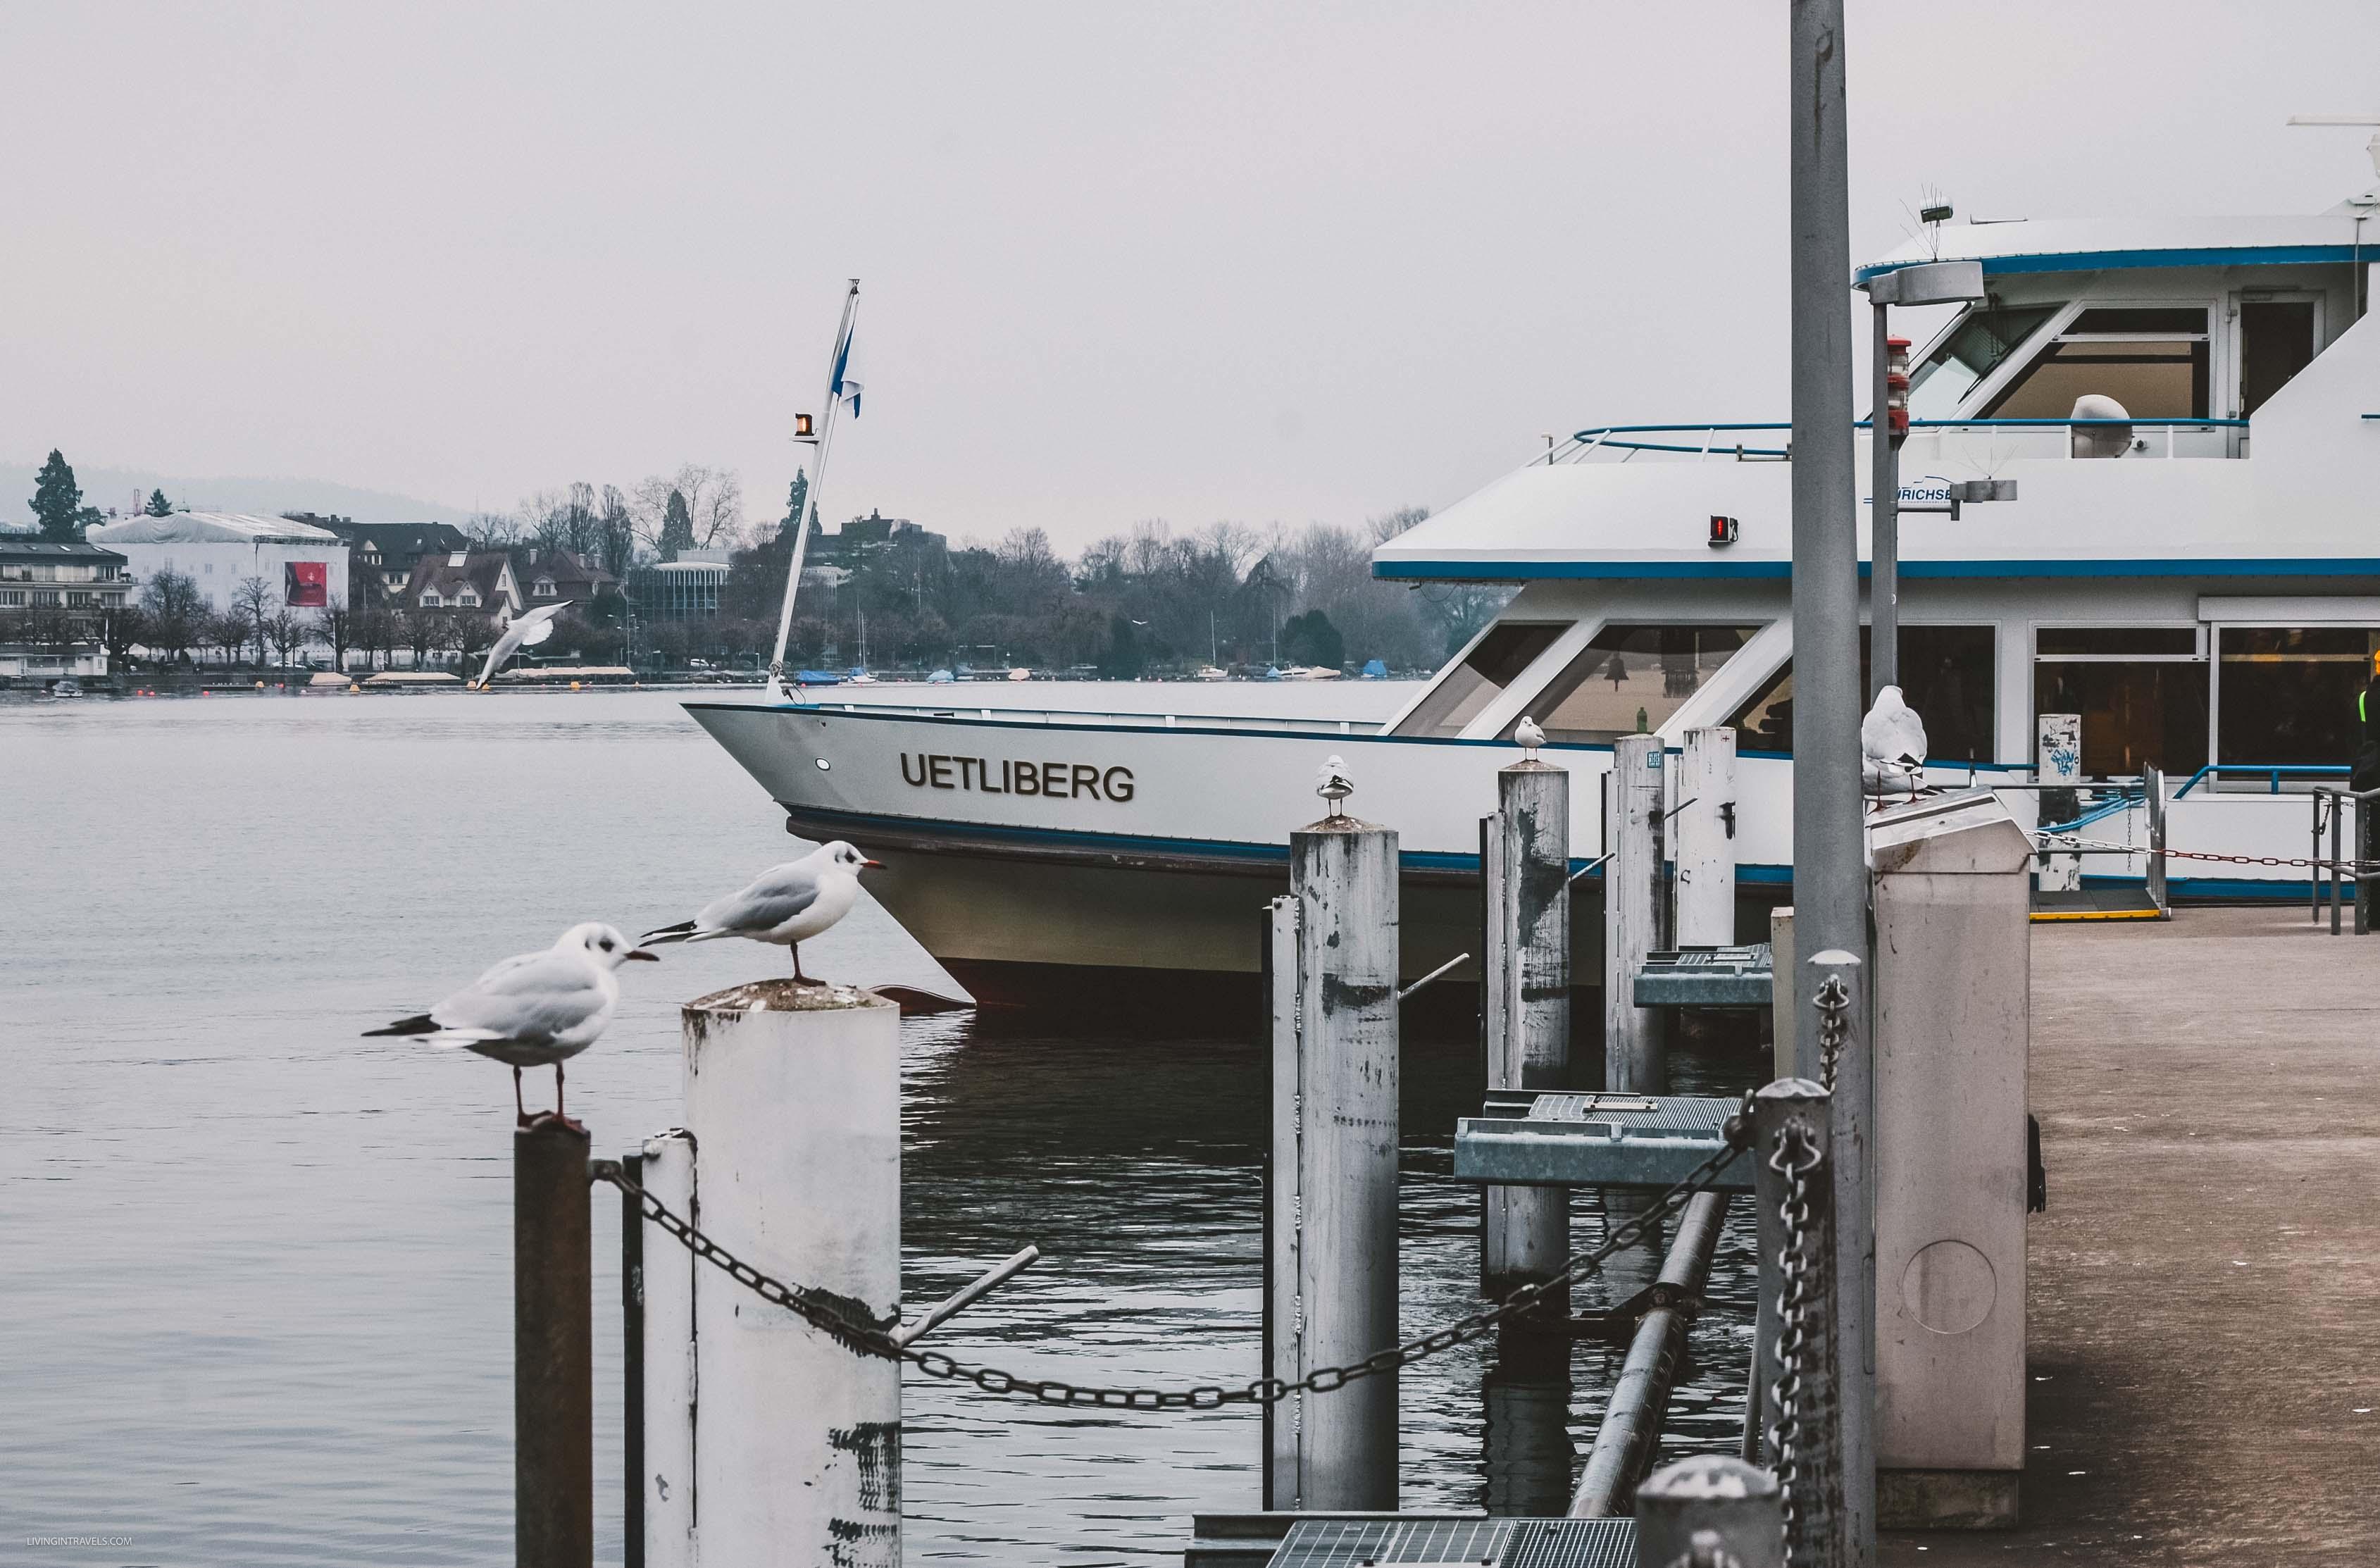 Прогулки по озеру Цюрих. Вид на город и озеро с башни ценркви Гроссмюнстер. Швейцария: Цюрих и окрестности за 48 часов